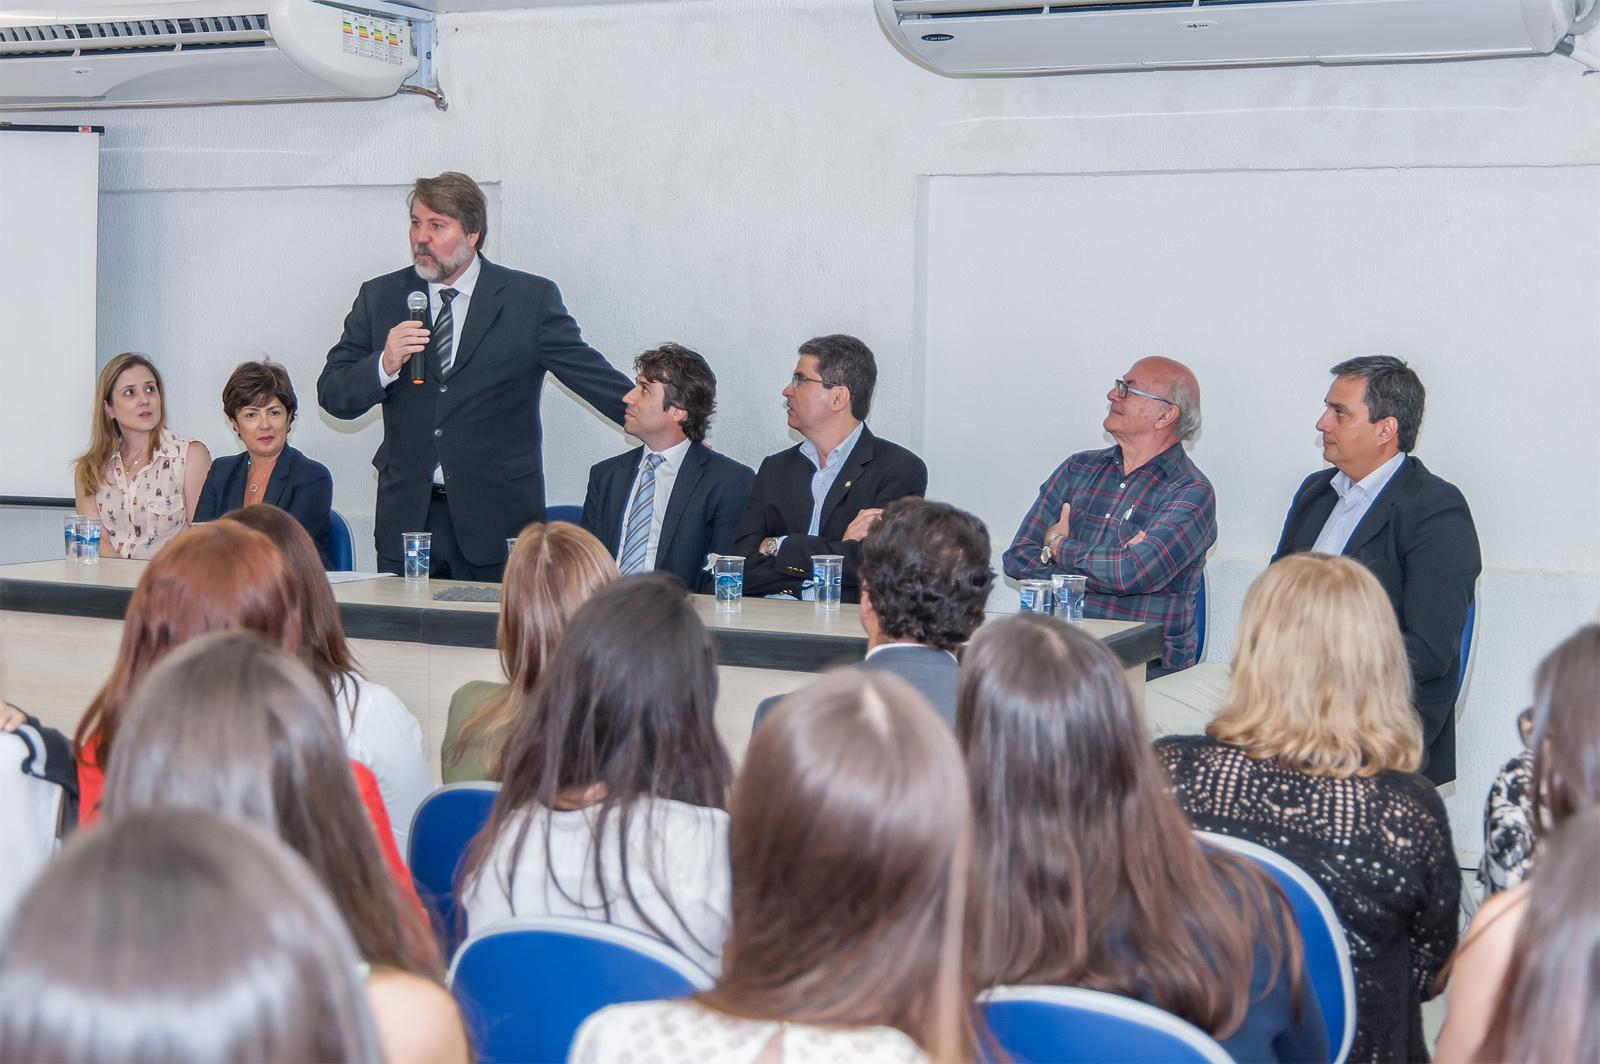 Aula inaugural da Faculdade de Medicina de Olinda (FMO). Foto: Jorge Gregório